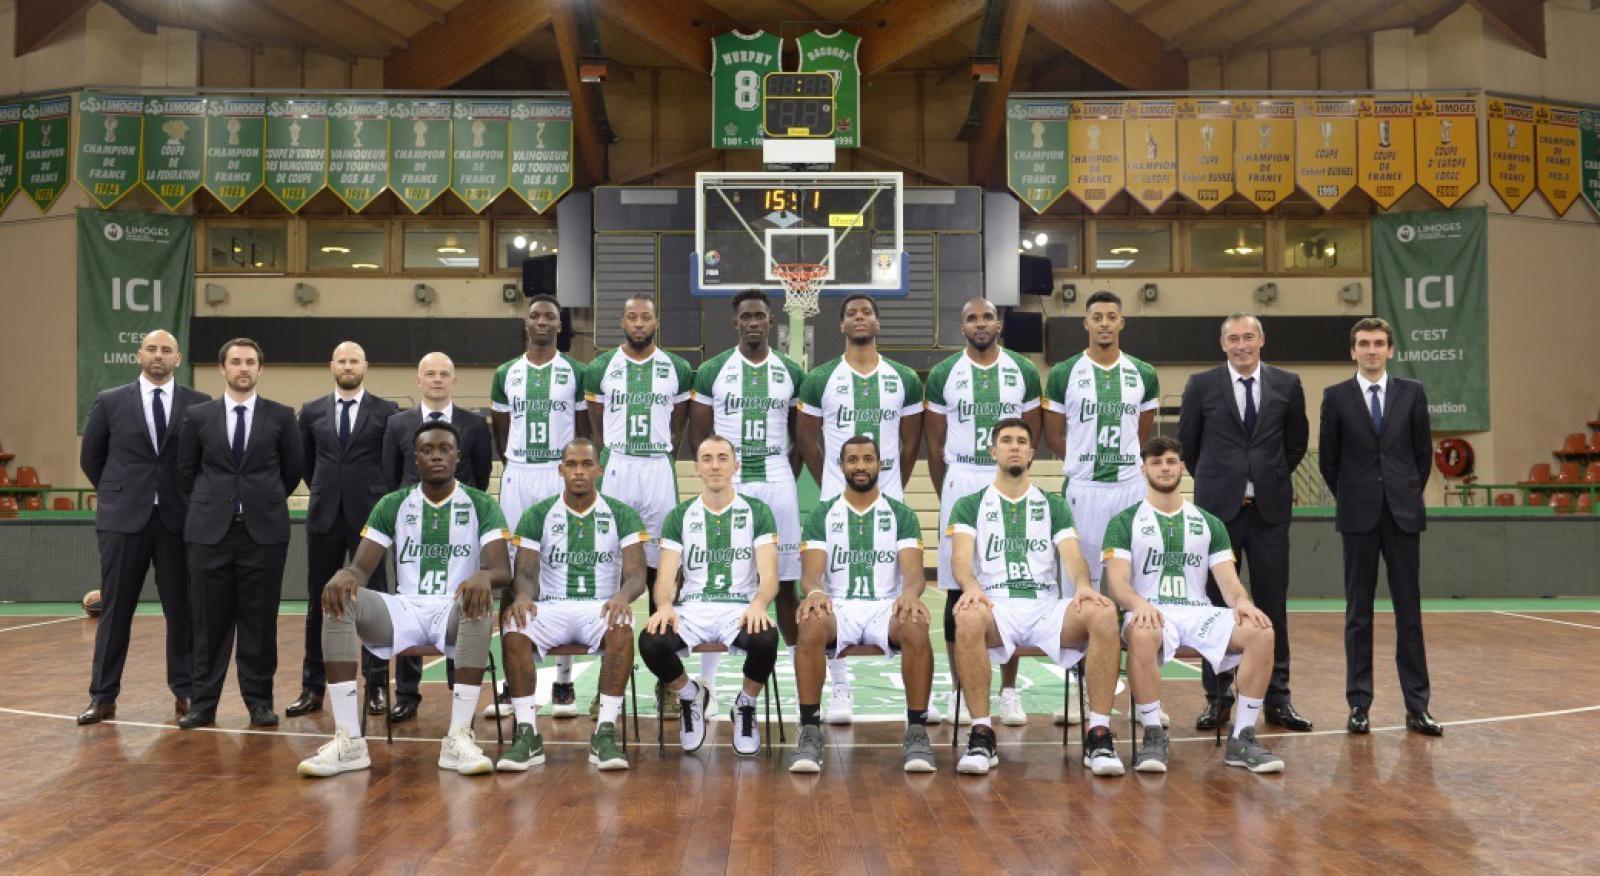 Photo d'équipe - Limoges 2018/2019